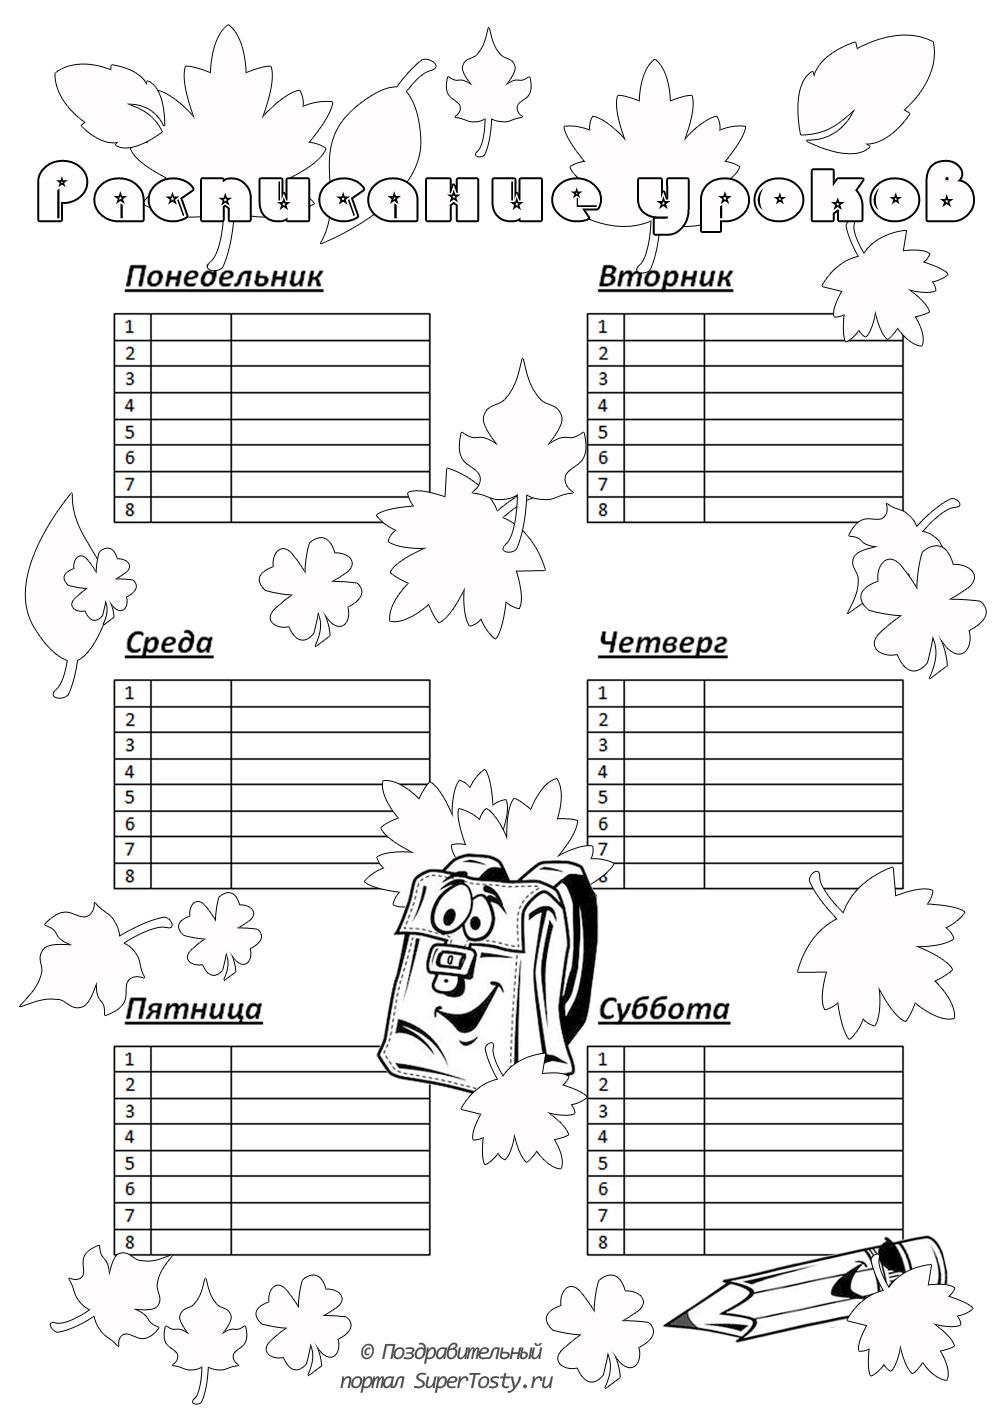 Расписание уроков как раскраска